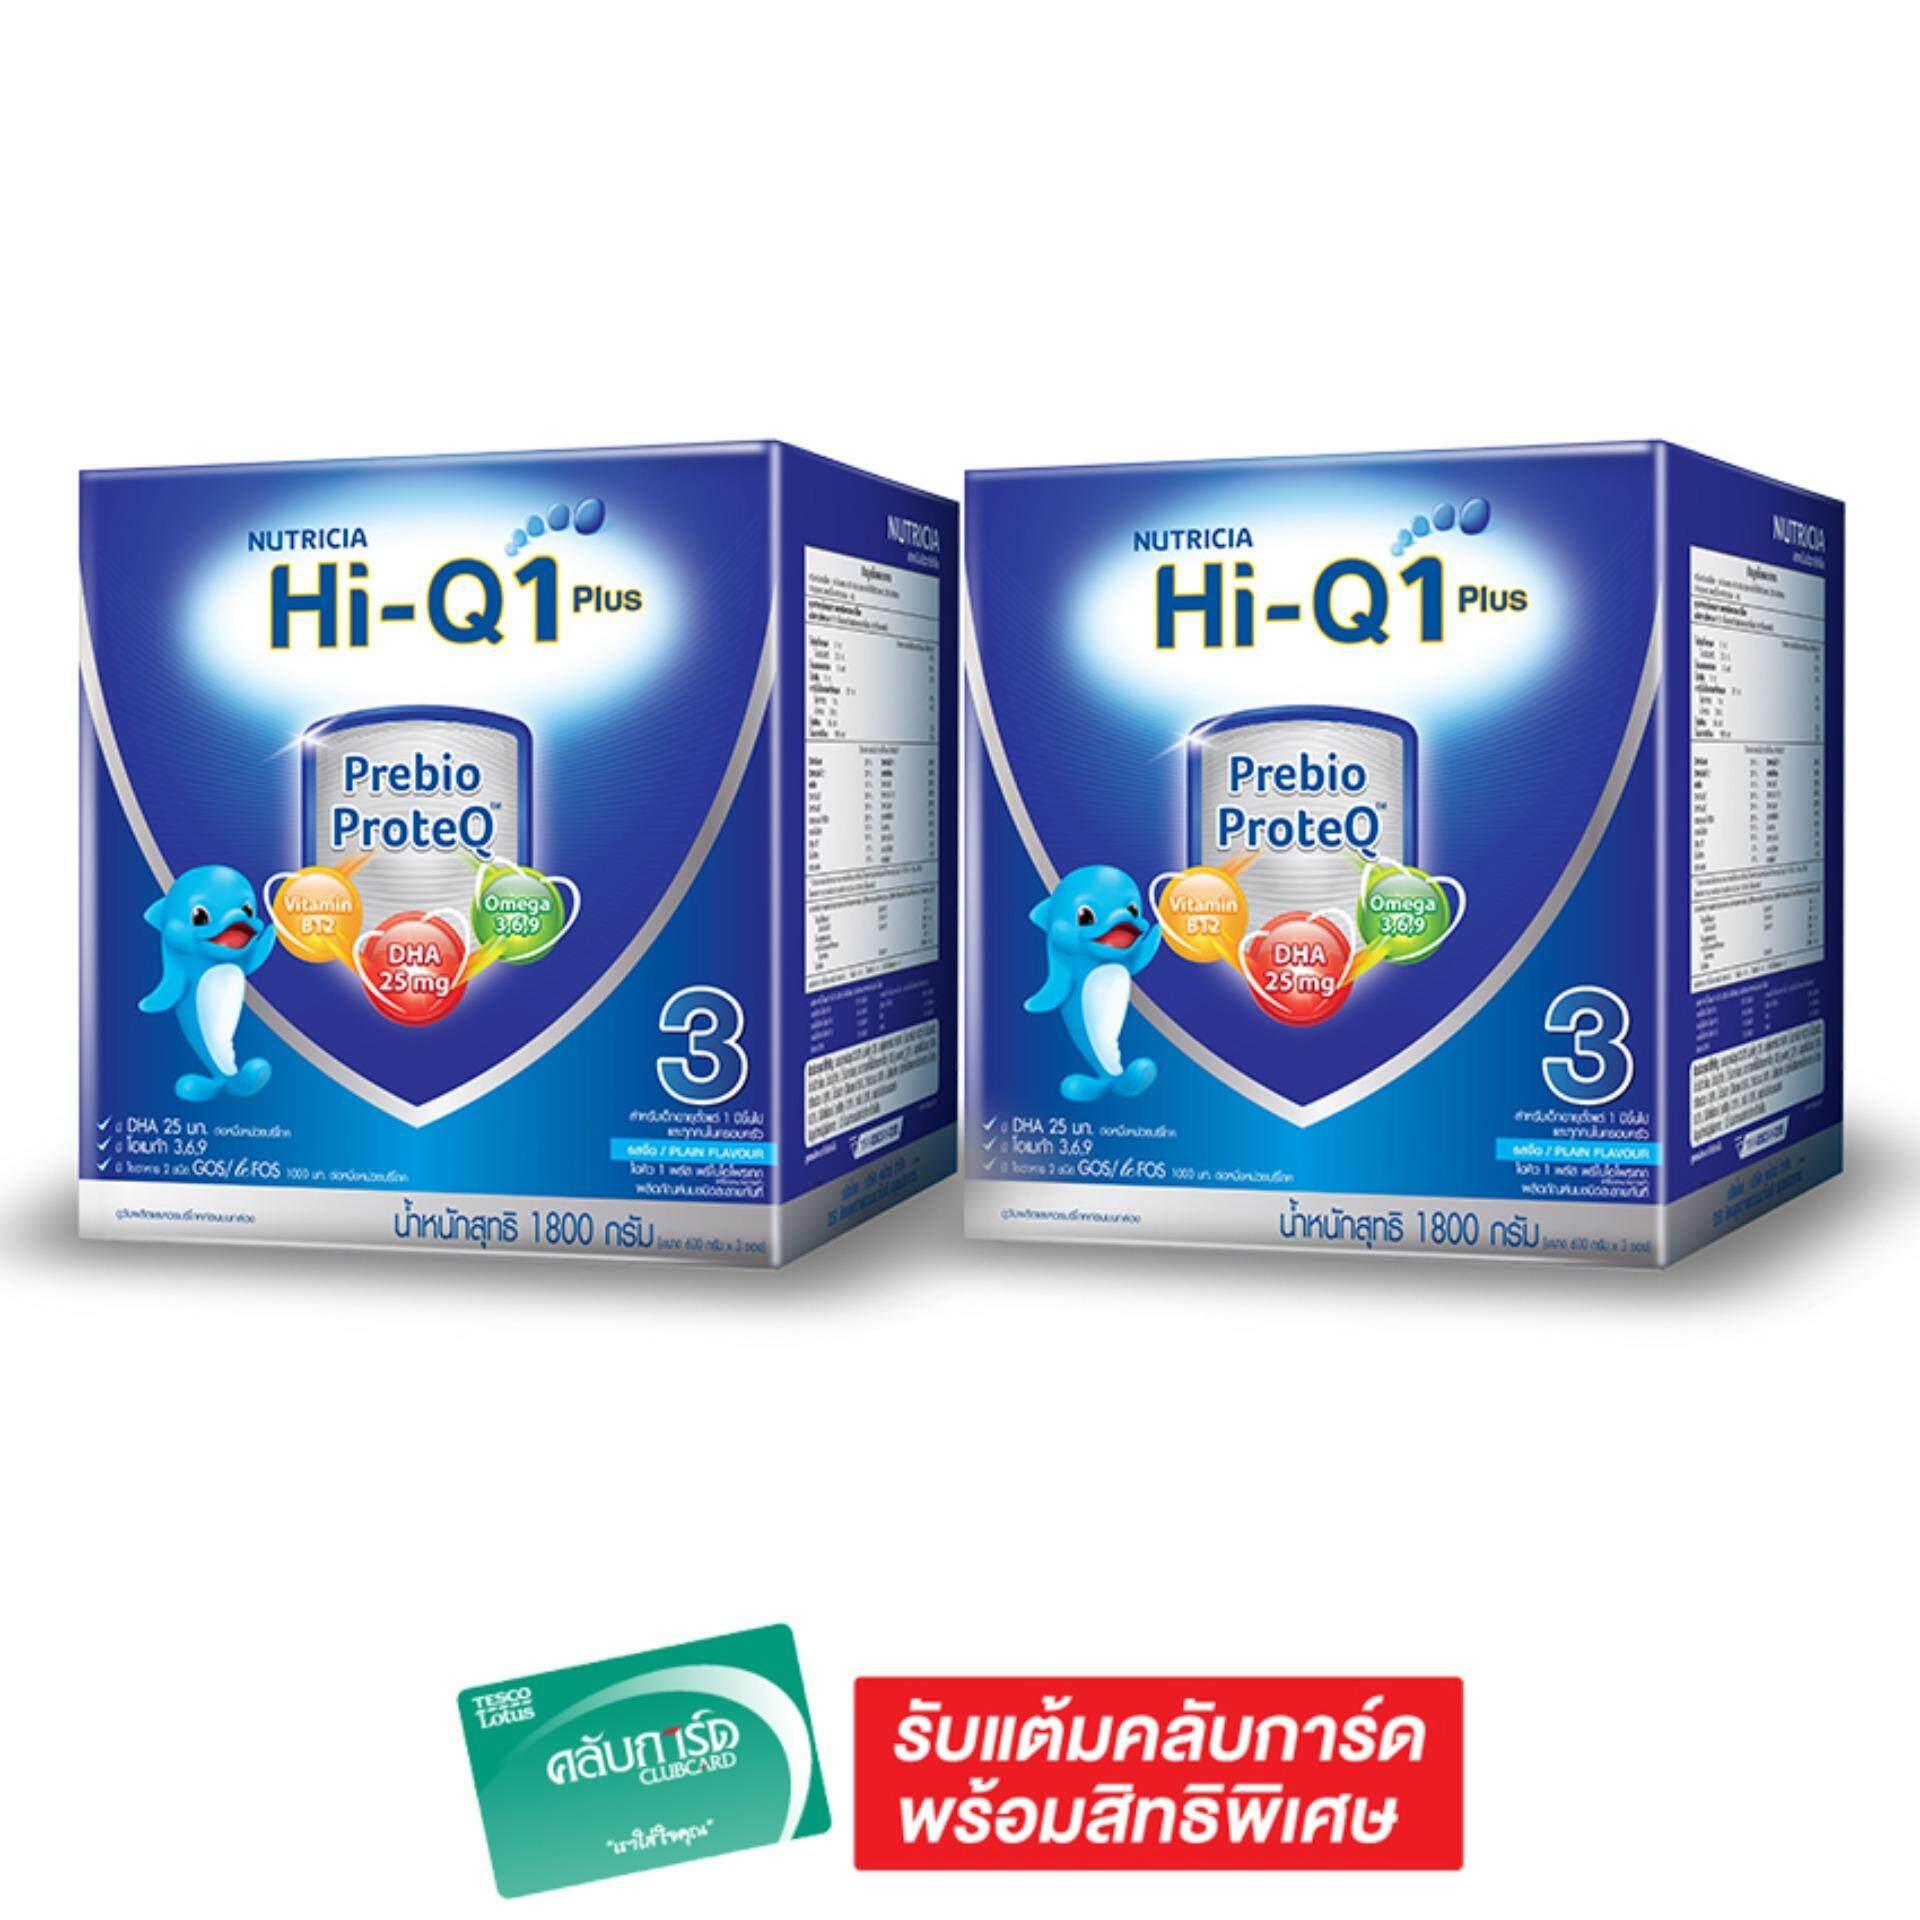 ขาย แพ็ค 2 กล่อง Hi Q ไฮคิว นมผง 1 พลัส พรีไบโอโพรเทก ช่วงวัยที่ 3 รสจืด 1800 กรัม Hiq ใน กรุงเทพมหานคร